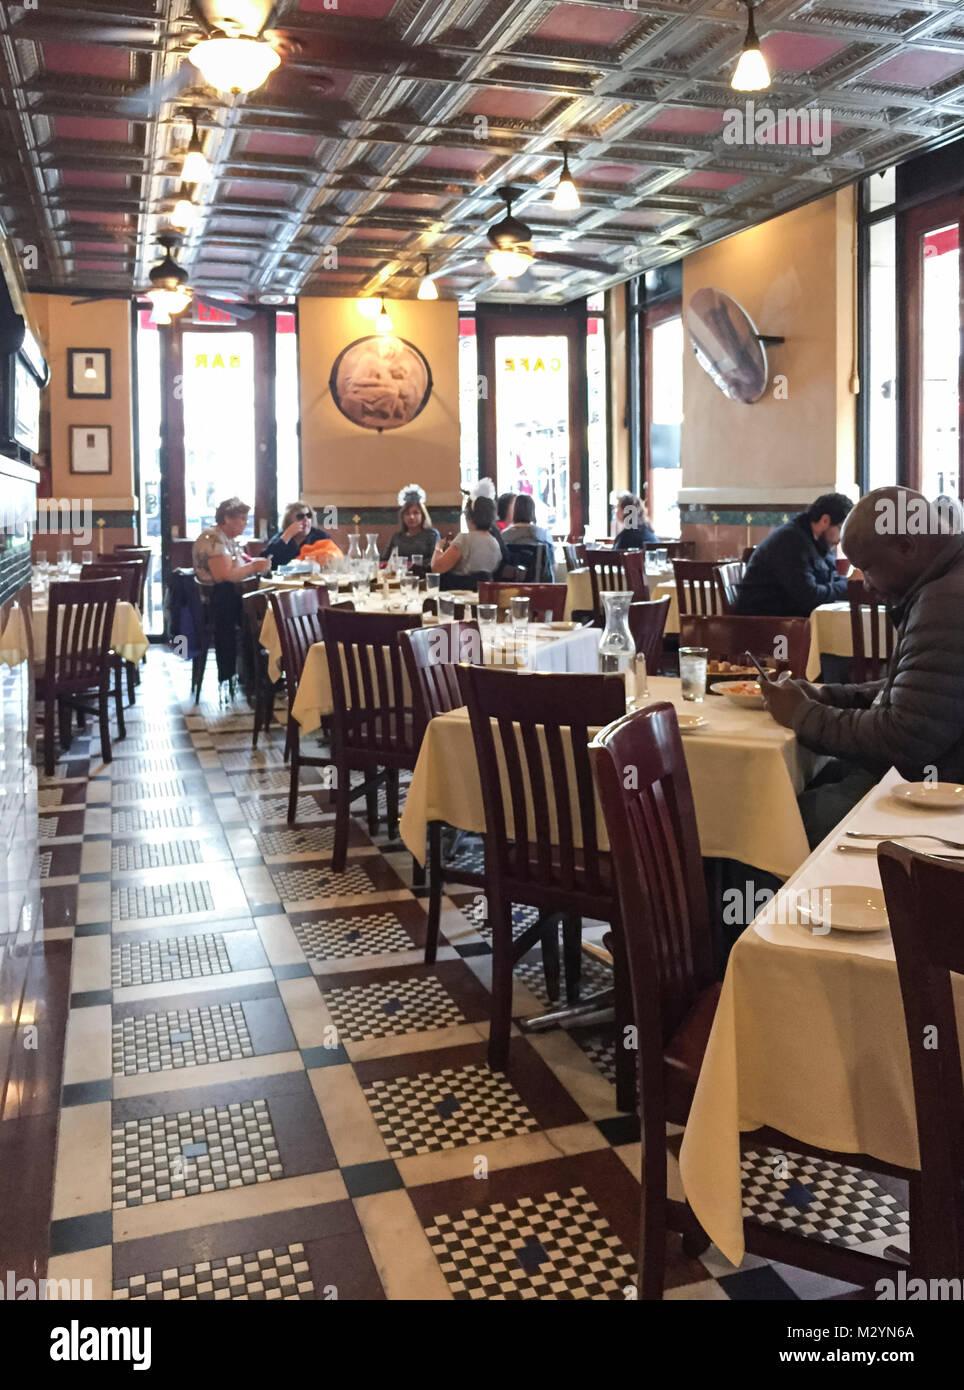 El interior de la Gruta Azzurra en el barrio de Little Italy, Manhattan, Ciudad de Nueva York. Personas cenando Imagen De Stock